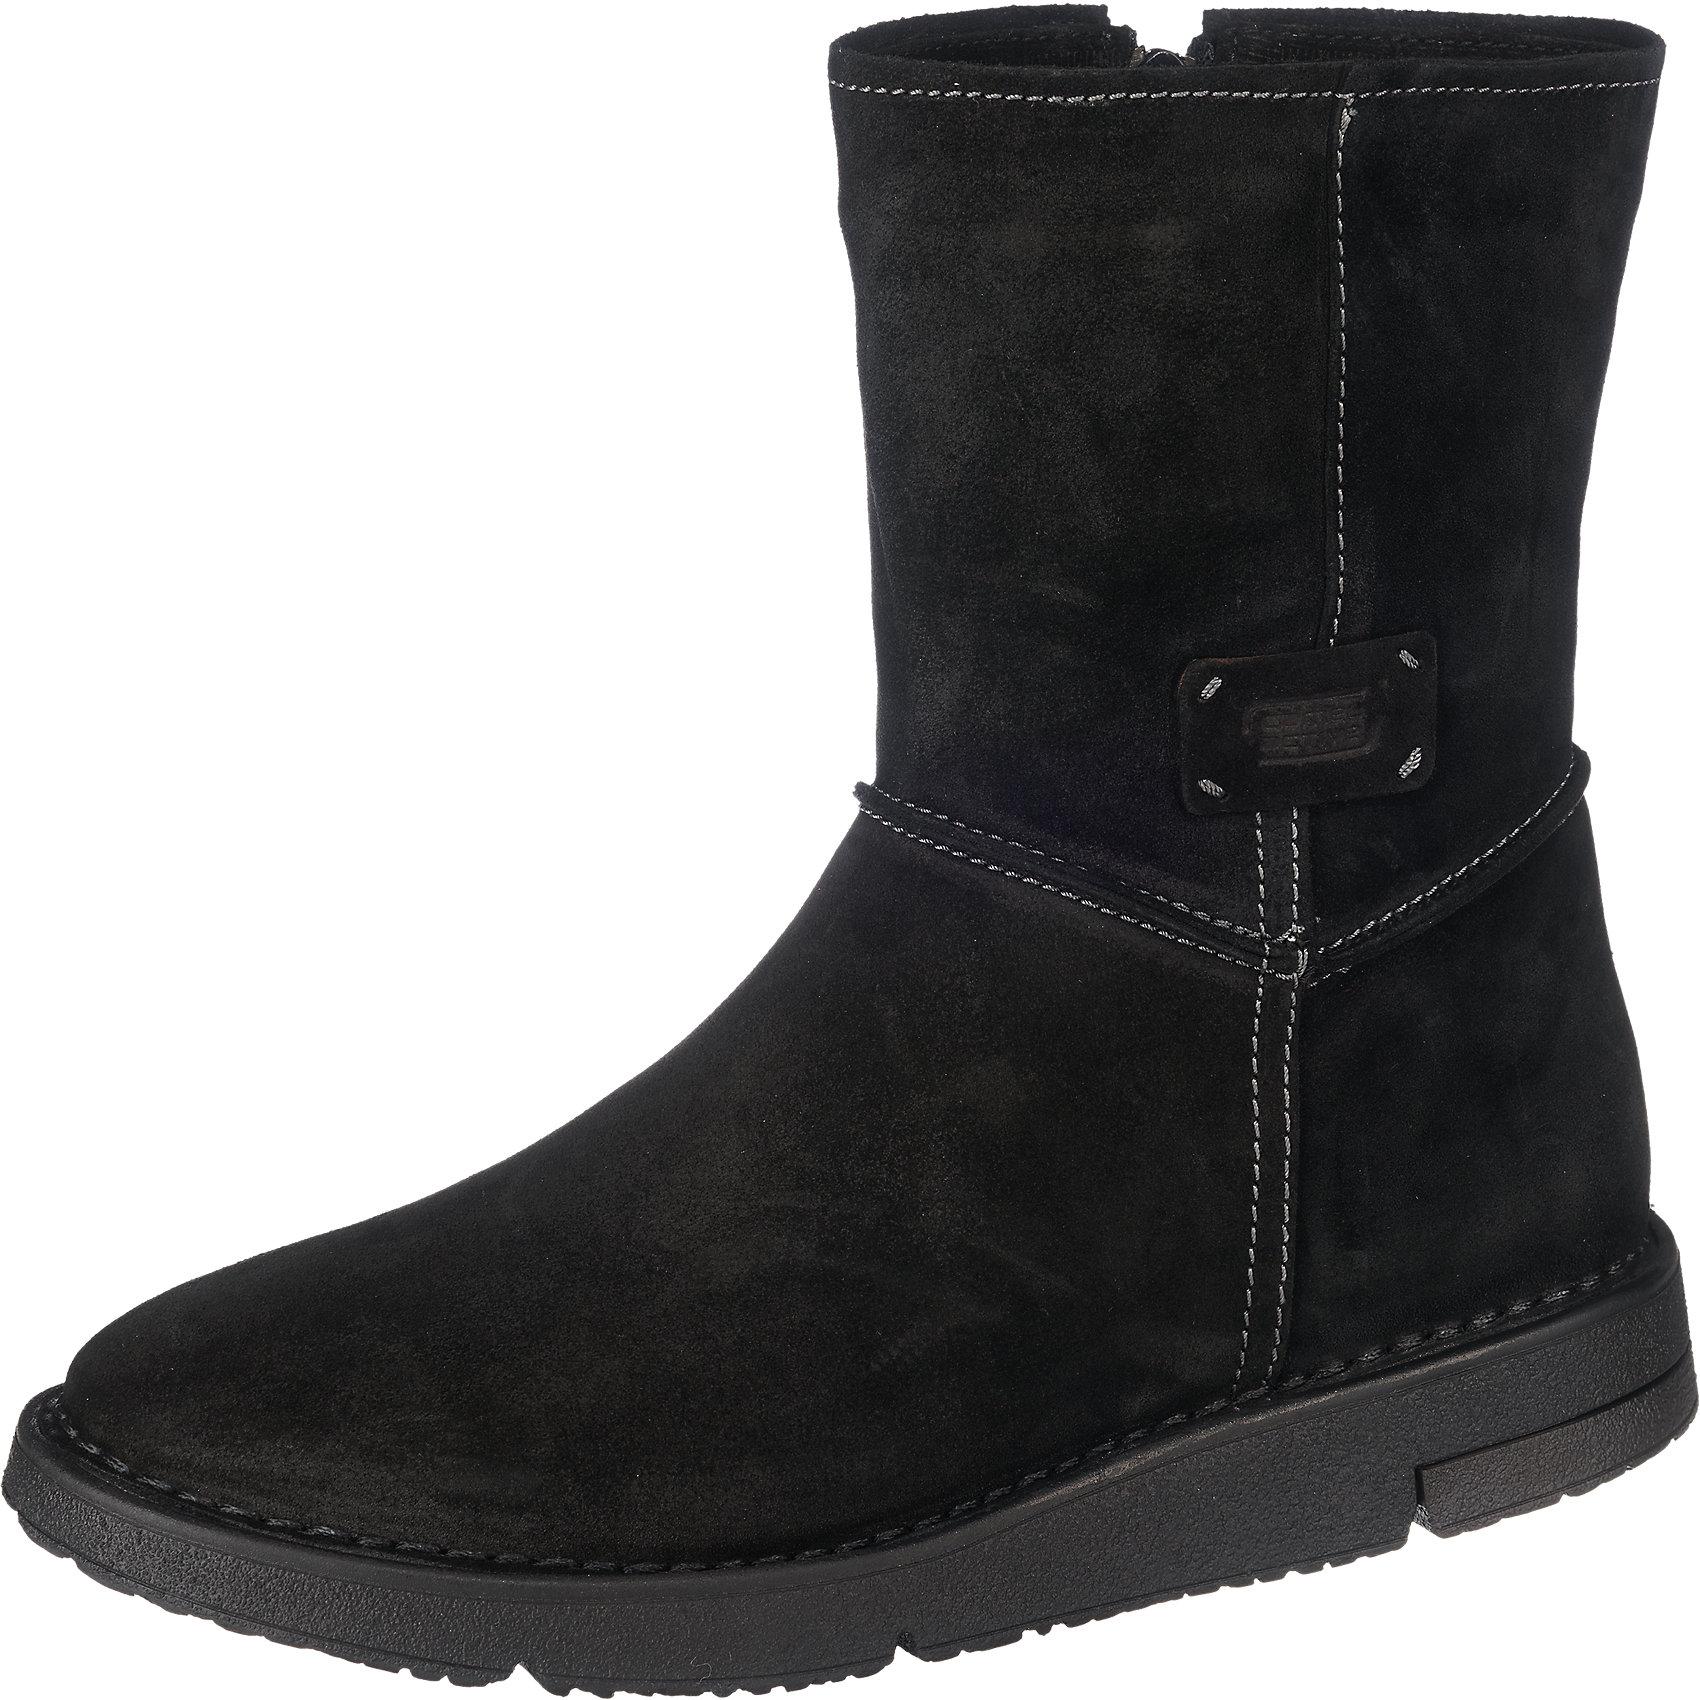 Neu camel active Balance Stiefel 5759705 für Damen schwarz   eBay ad990f03a1